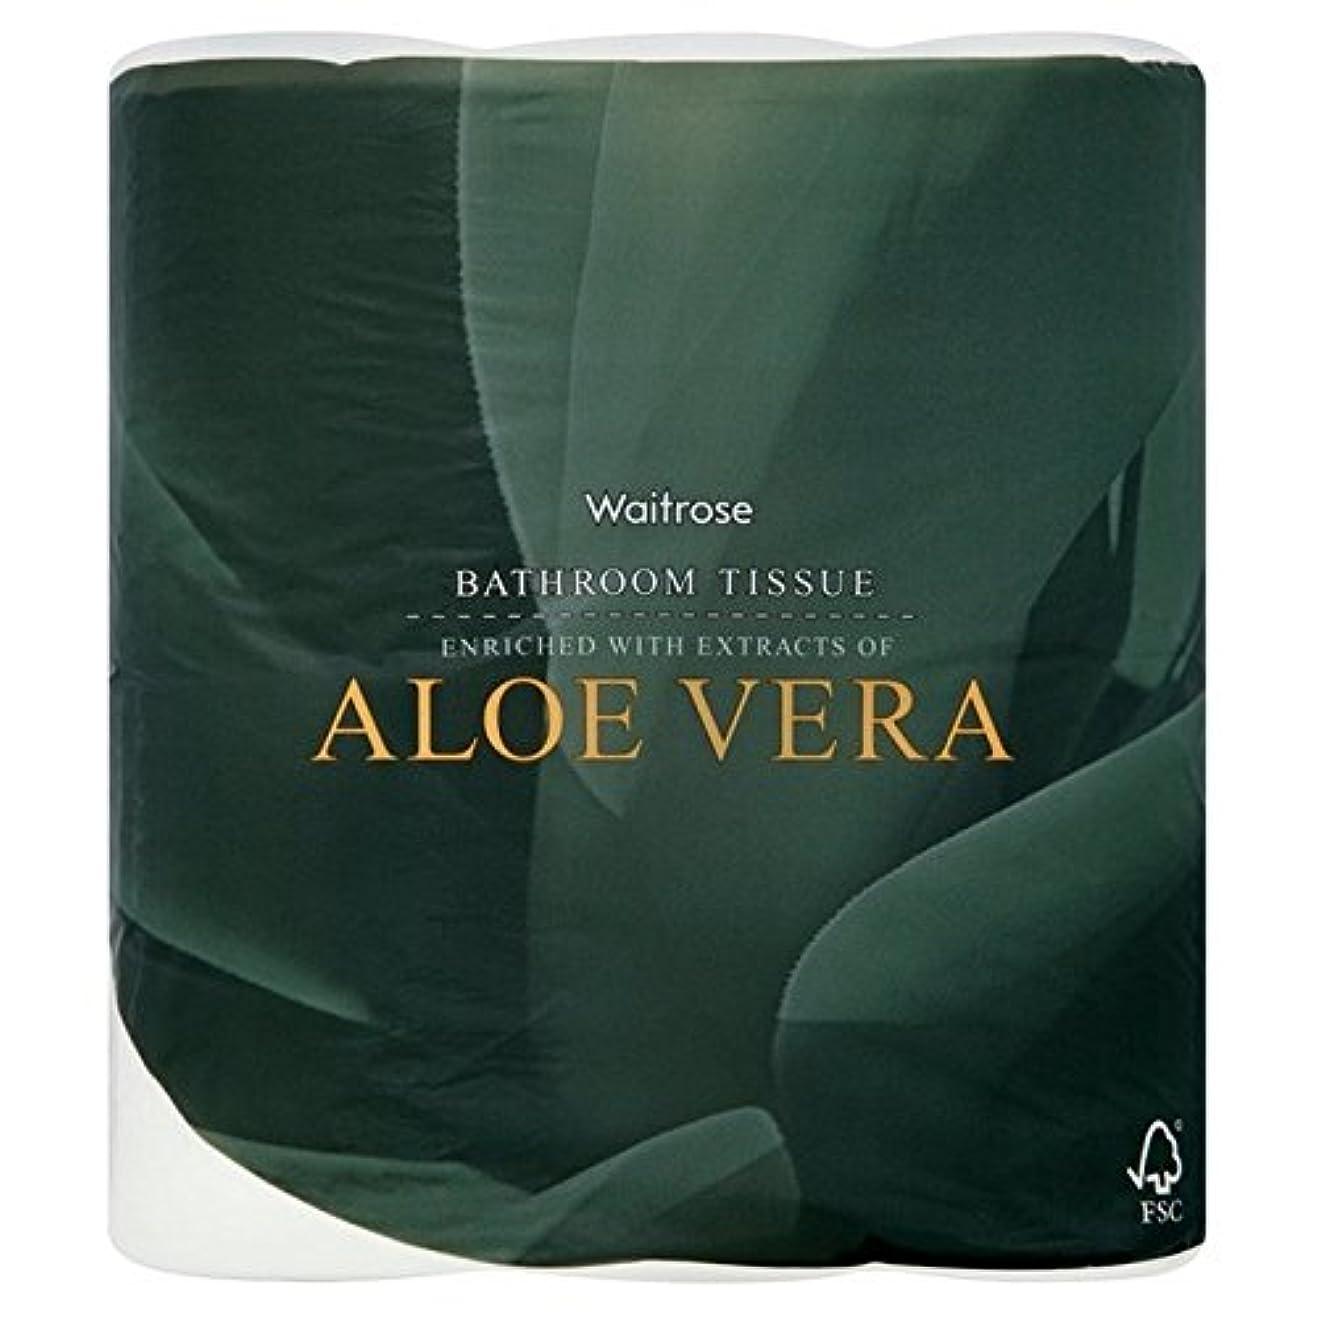 サークル買うパーティションAloe Vera Bathroom Tissue White Waitrose 4 per pack - パックあたりアロエベラ浴室組織白ウェイトローズ4 [並行輸入品]